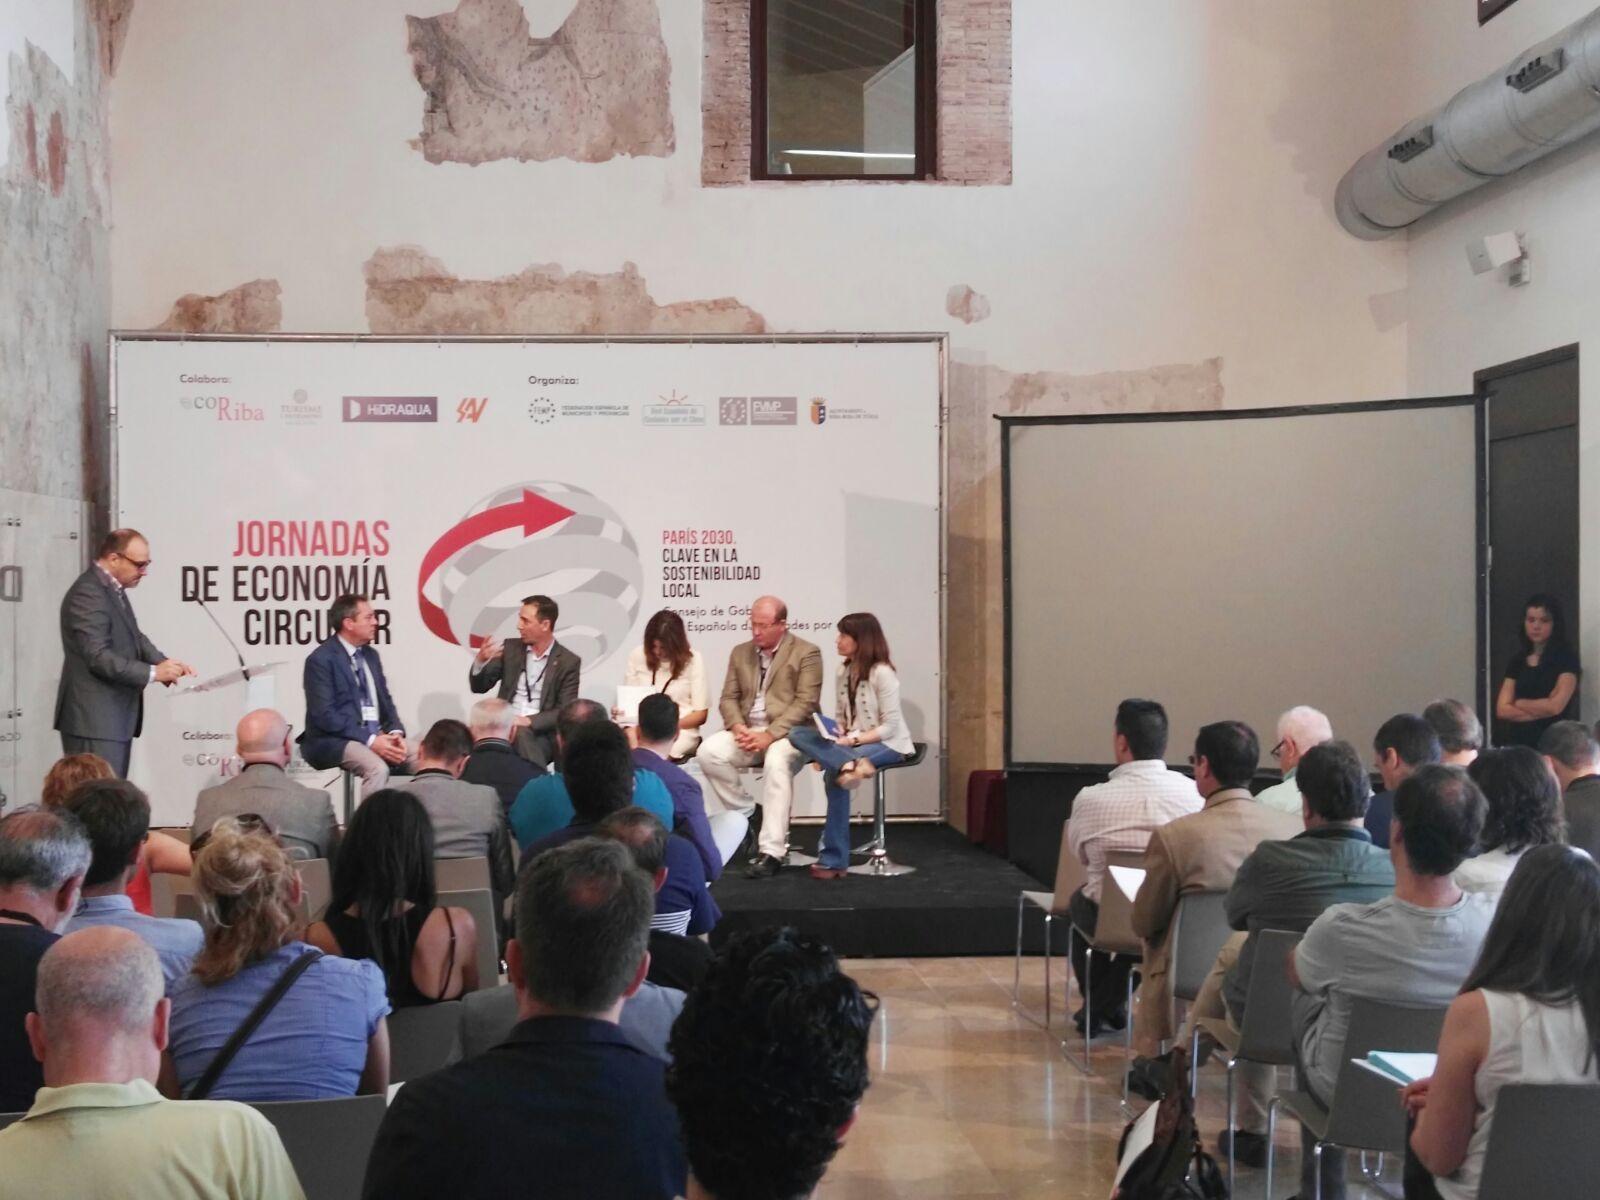 El ayuntamiento ha presentado el proyecto en la jornada sobre economía circular realizada en la localidad.